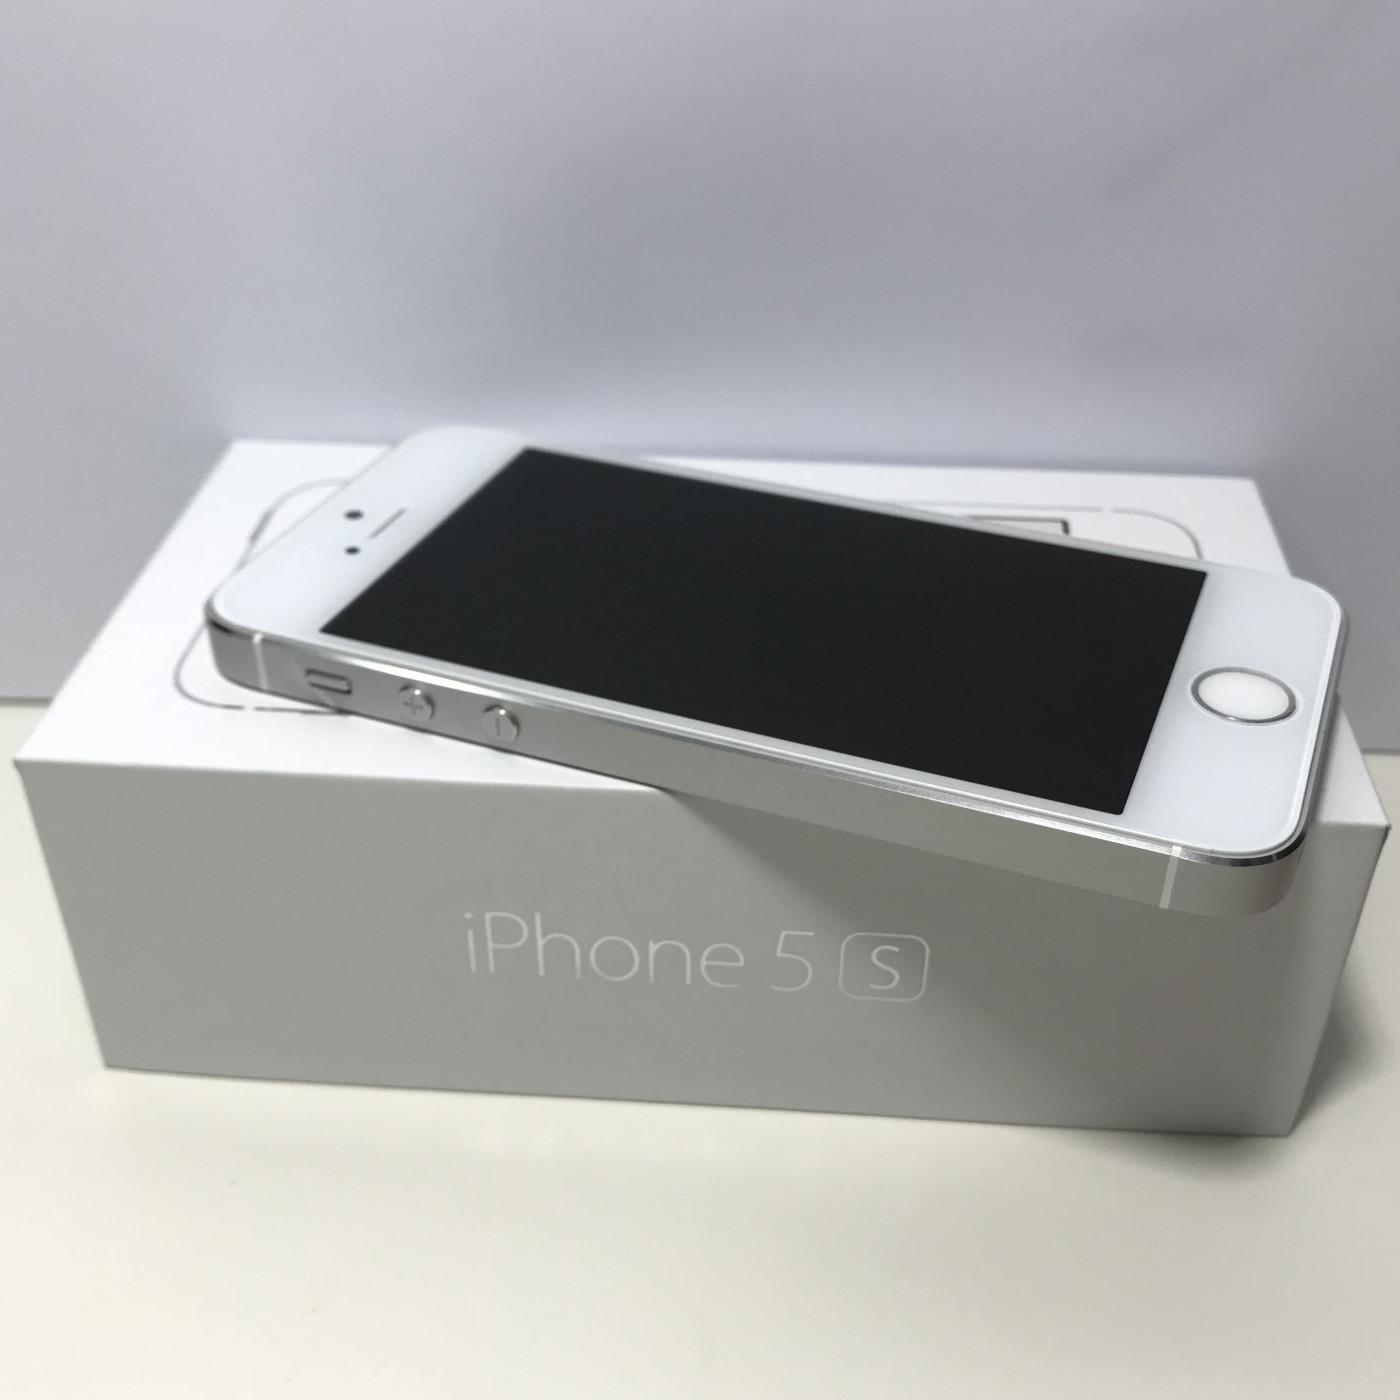 IPHONE 5S SILVER 32GB GRADO A+++ PARI AL NUOVO + SCATOLA E ACCESSORI